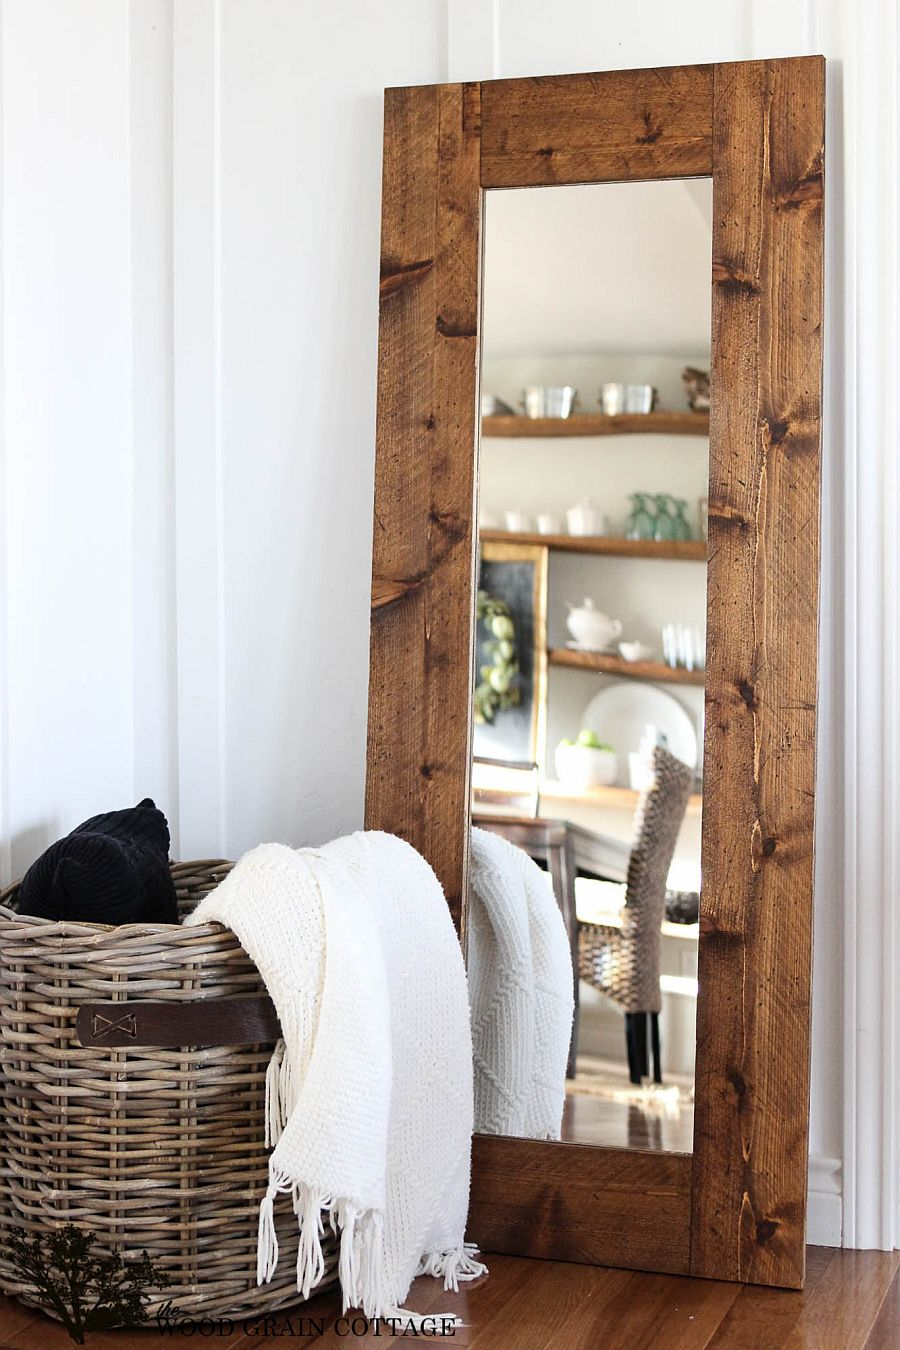 1562338102 643 30 diy farmhouse decor ideas that look just beautiful - 30 DIY Farmhouse Decor Ideas That Look Just Beautiful!